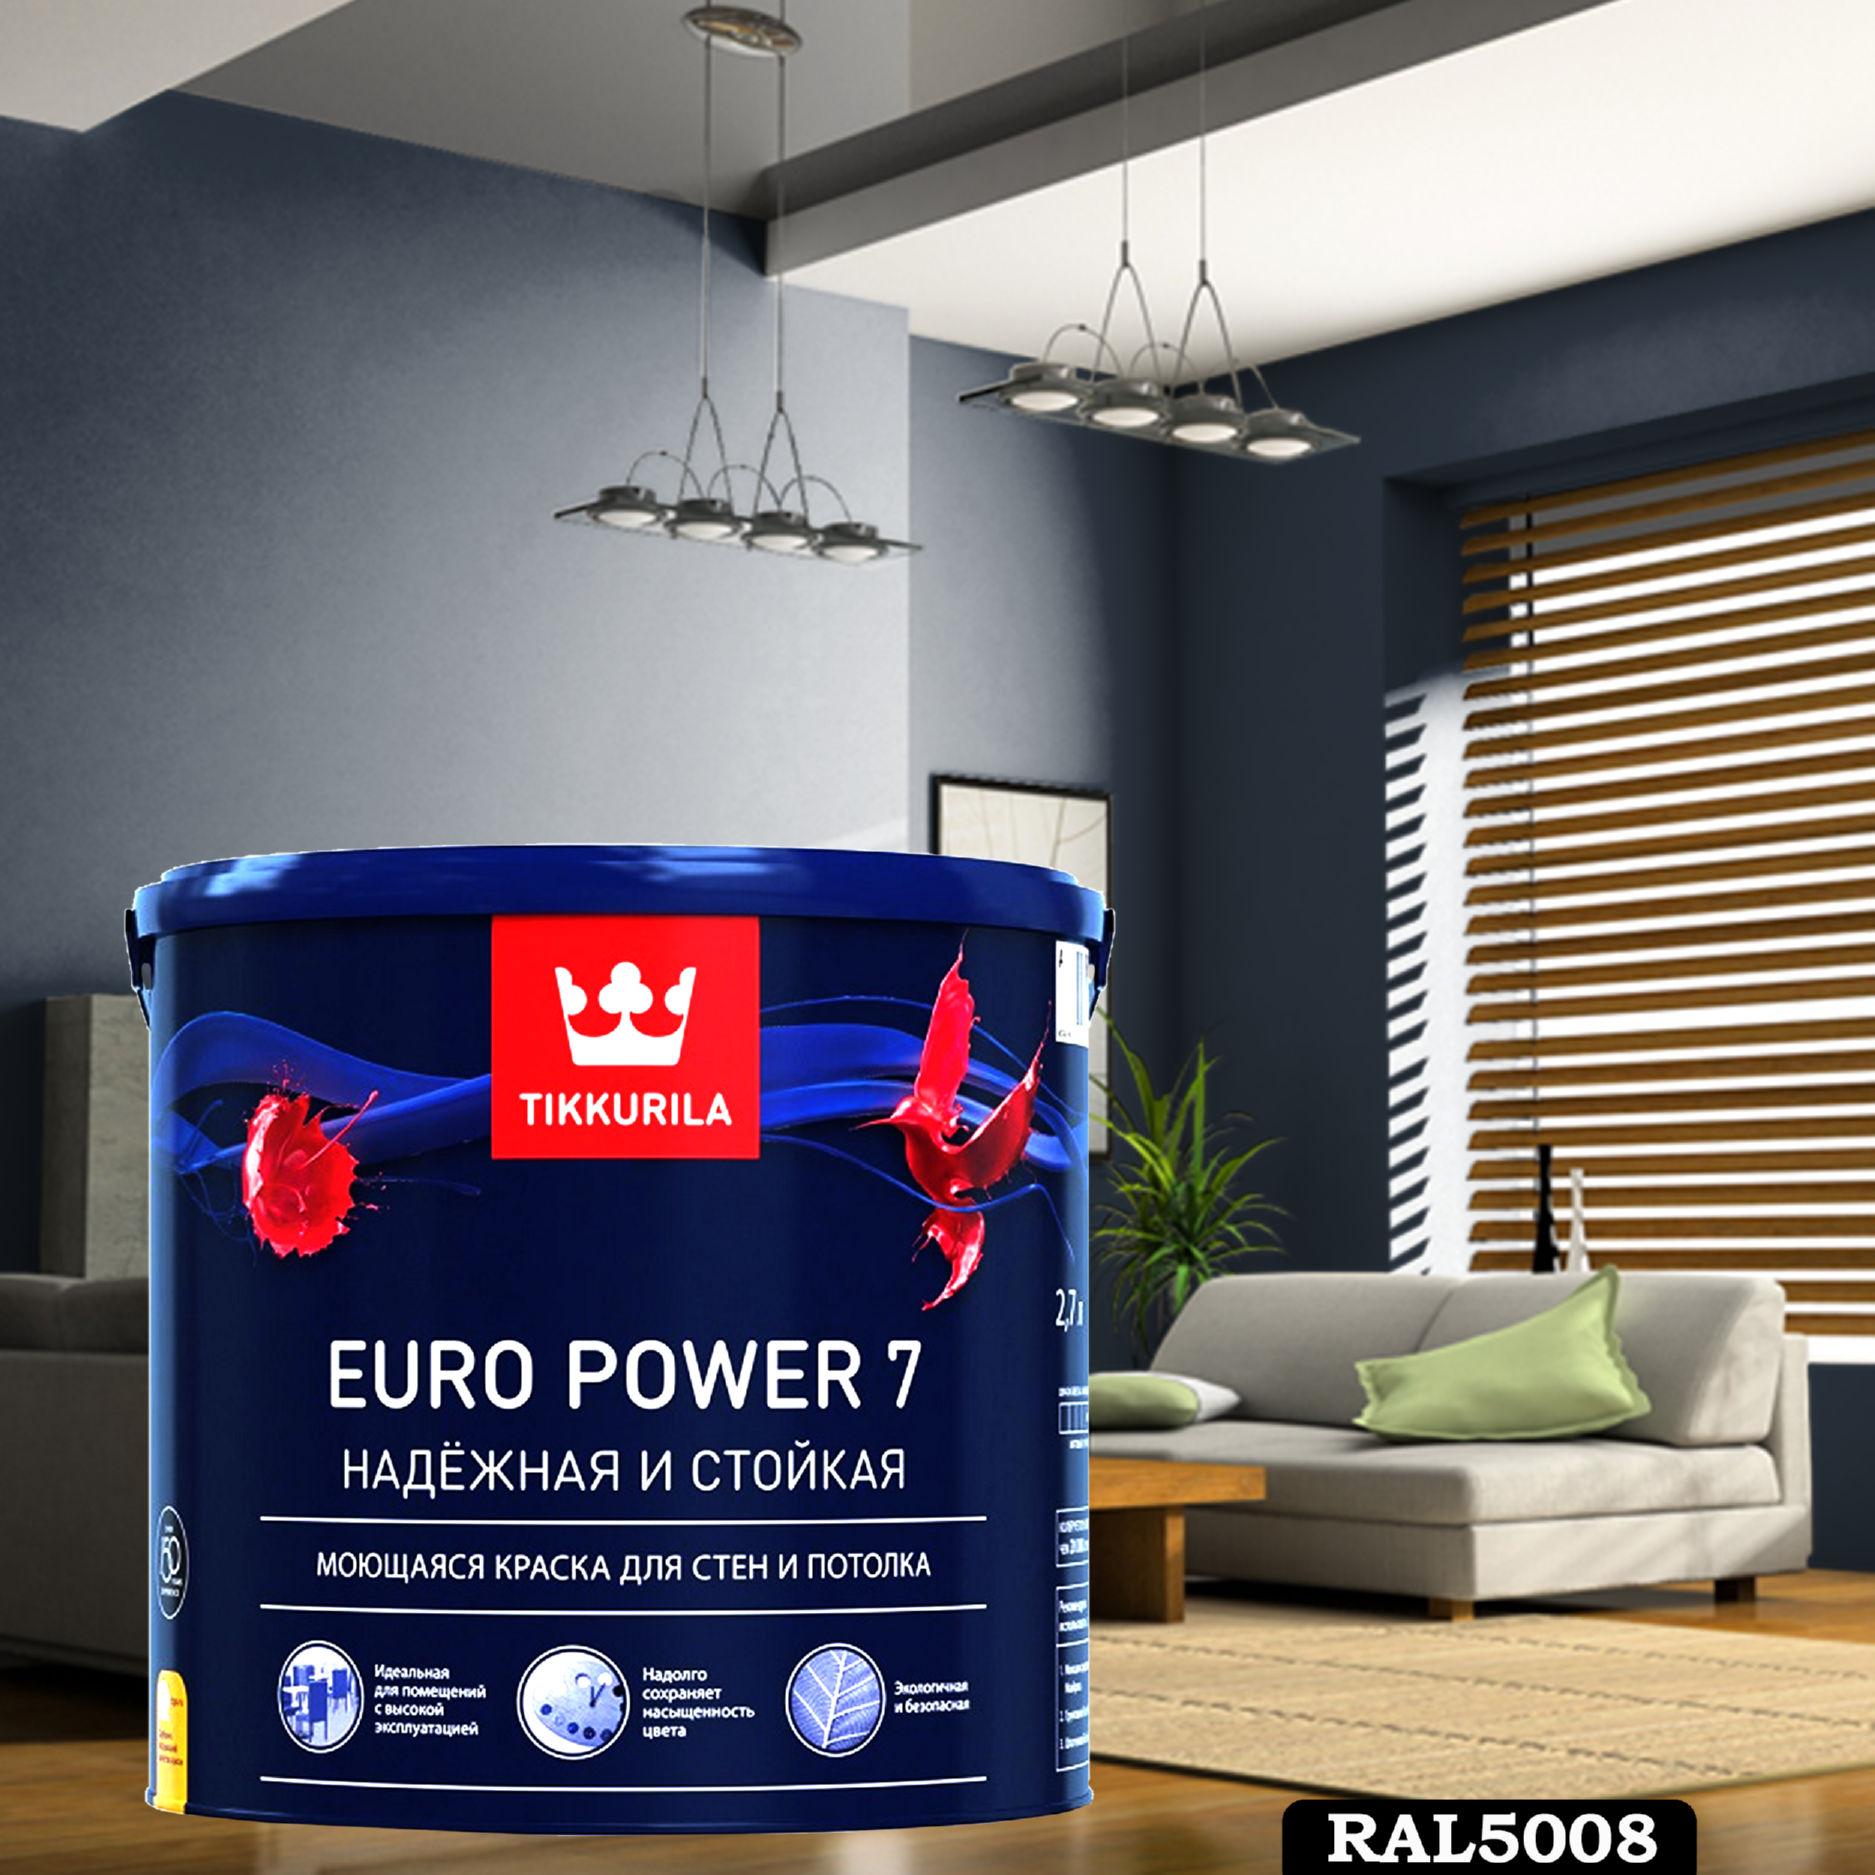 Фото 8 - Краска TIKKURILA Euro Power 7,  RAL 5008 Серо-синий, латексная моющаяся матовая интерьерная, 9 л.